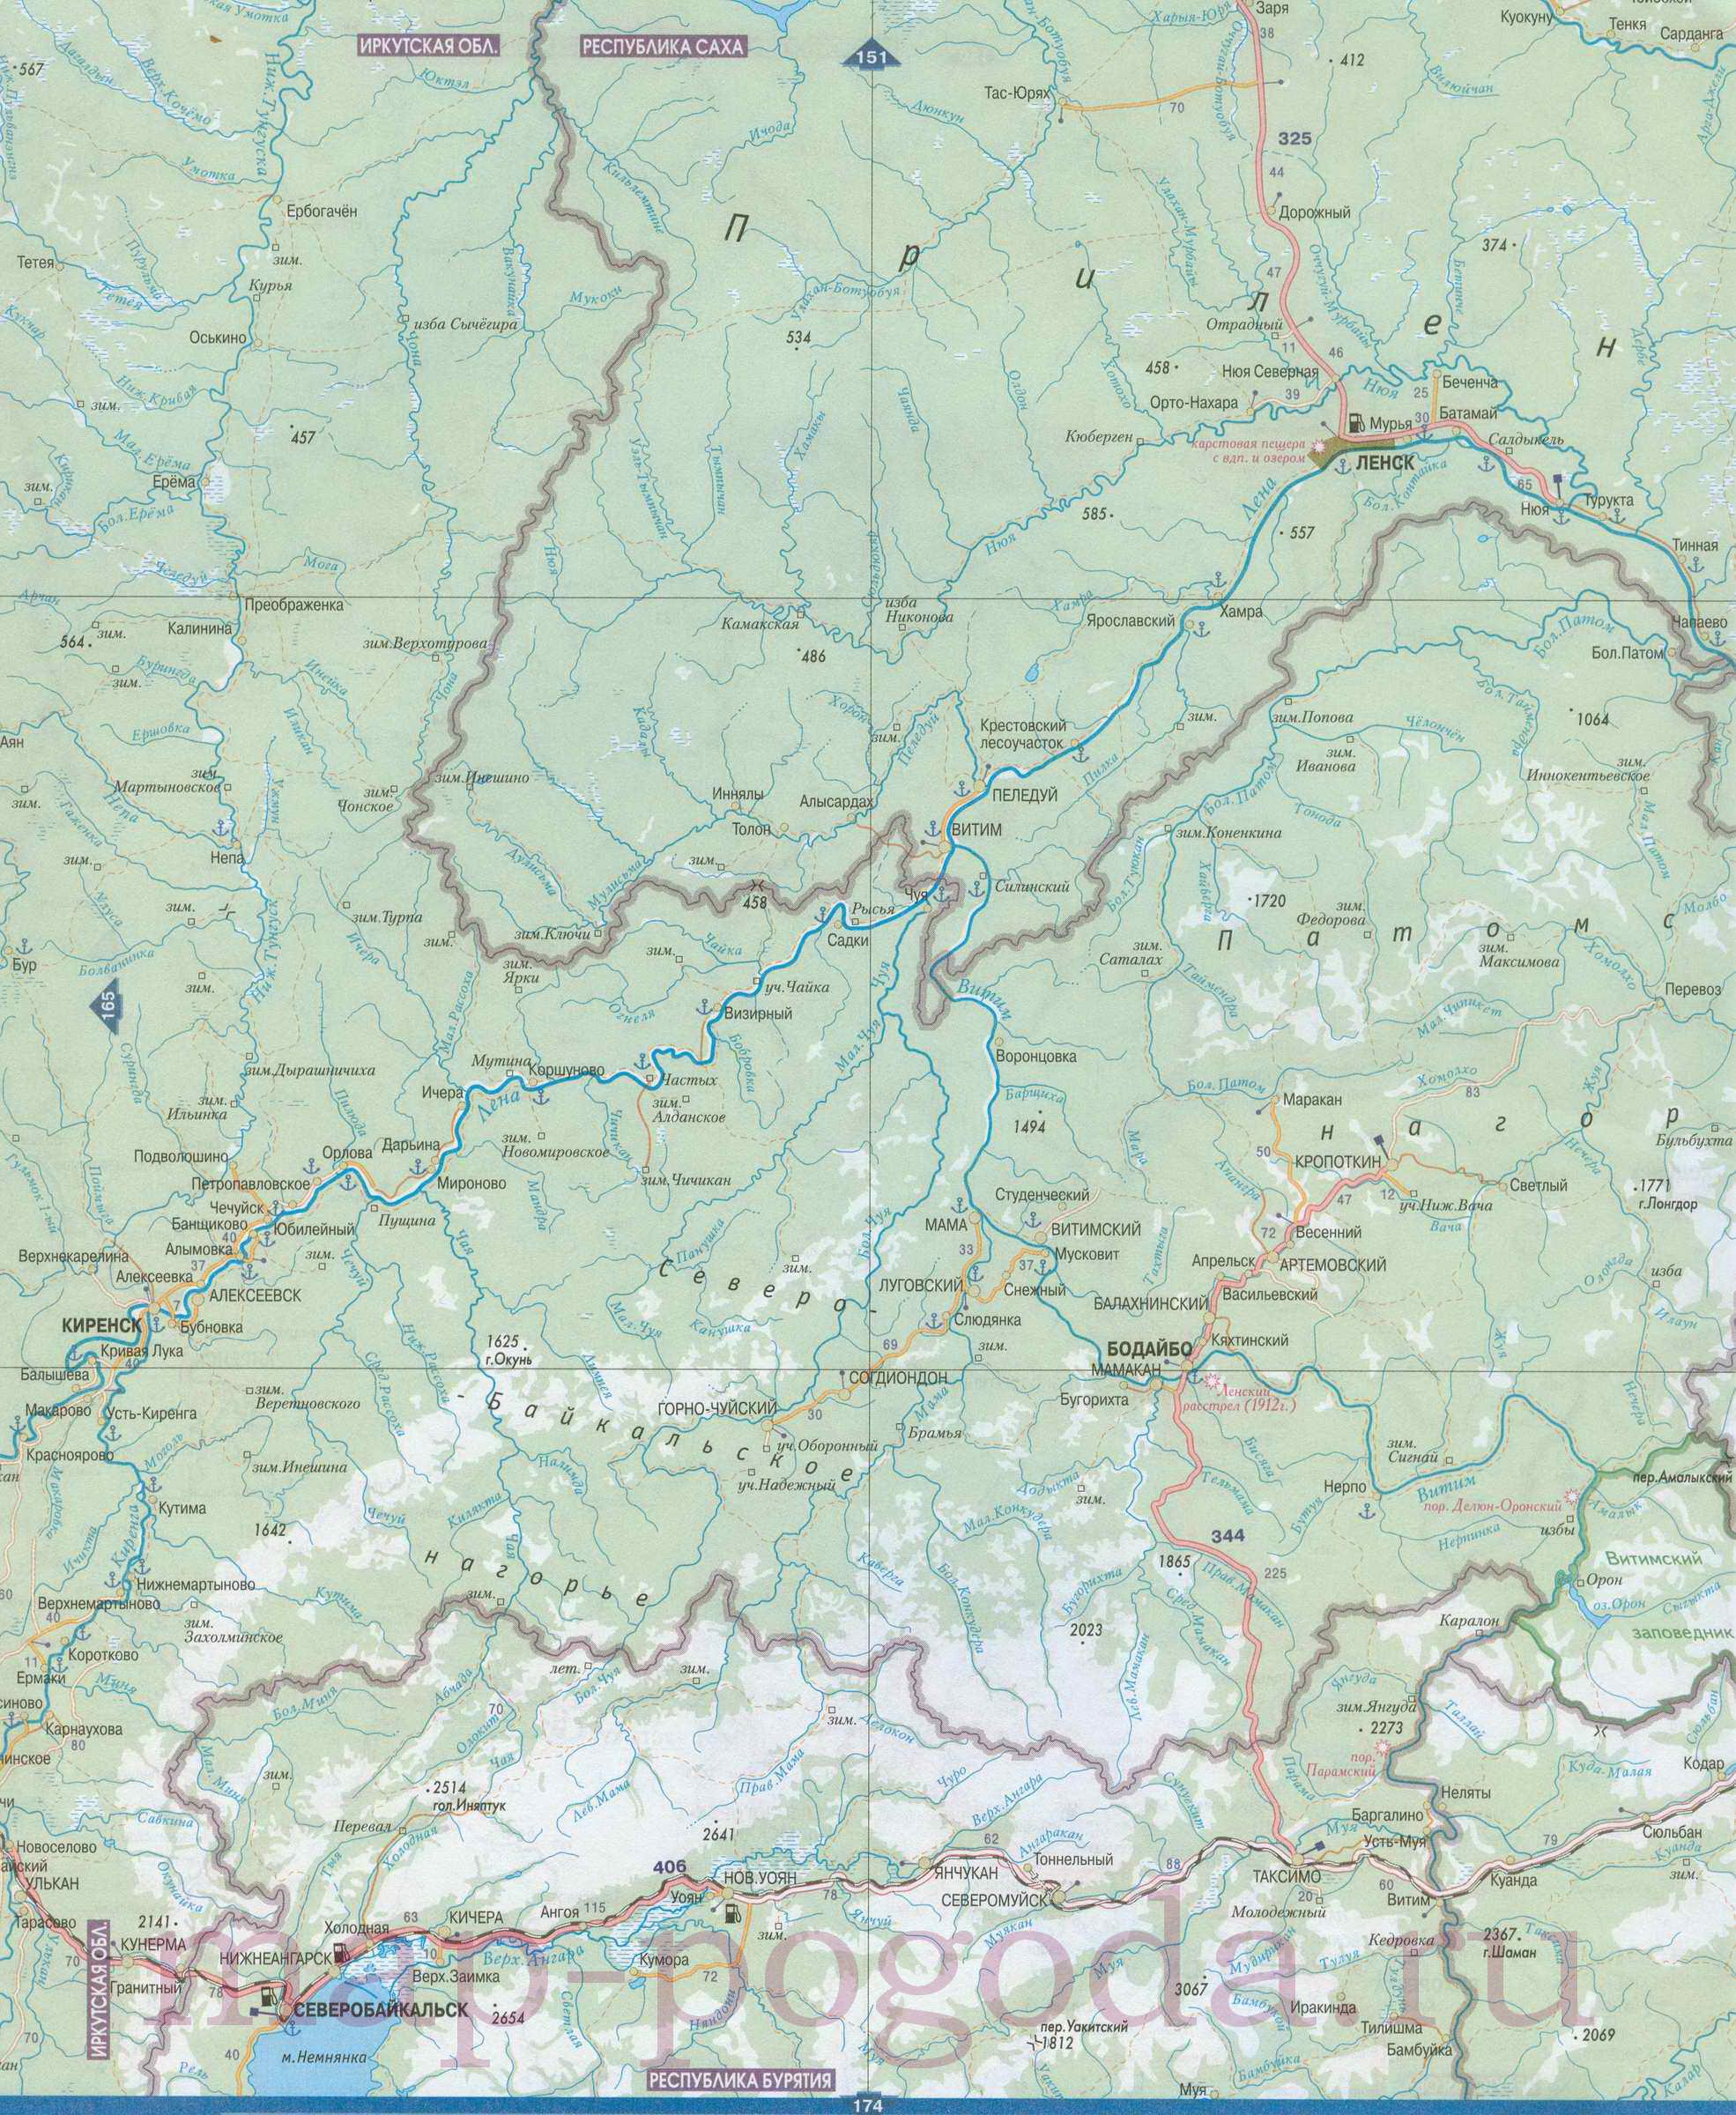 что погода нерюкяйинск 2олёкминский район респ саха якутия классный час положит